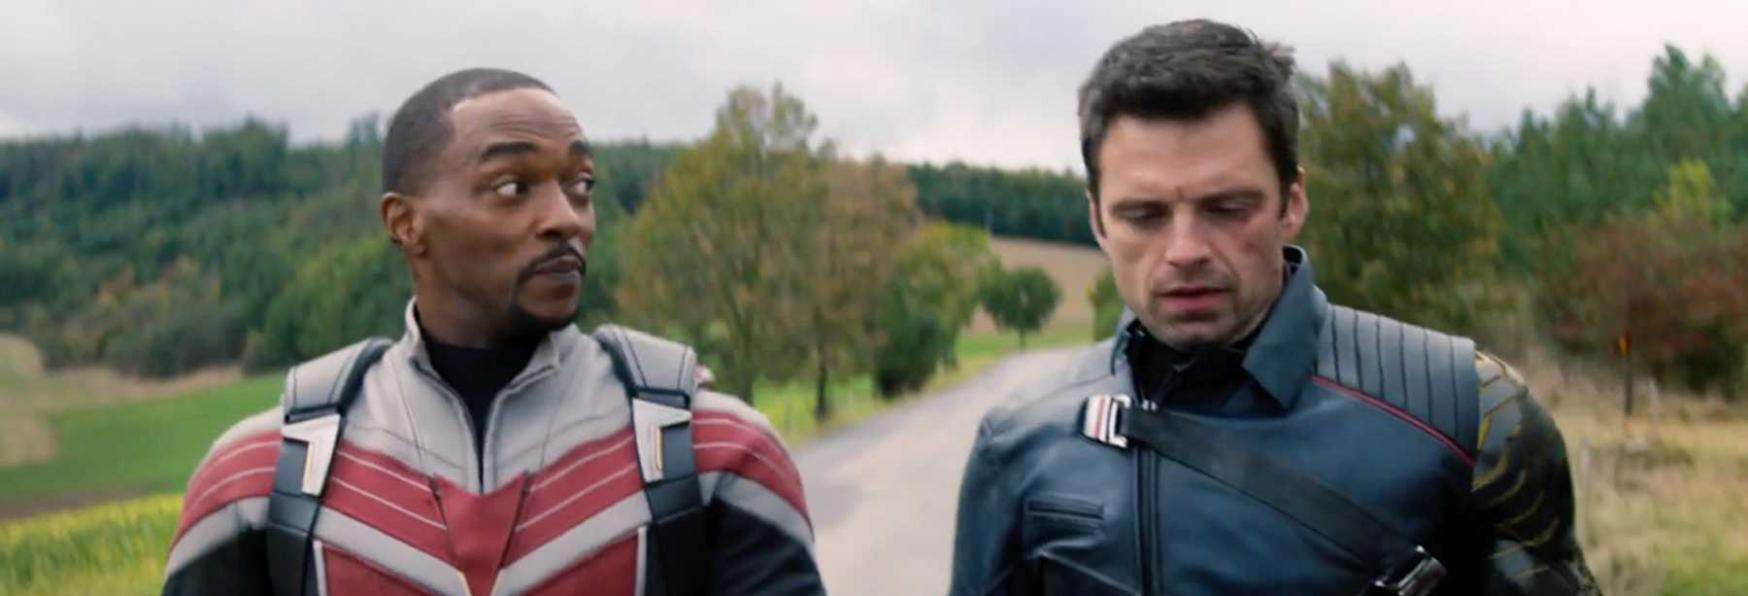 The Falcon and The Winter Soldier: il Merchandise conferma una Storyline legata a Civil War